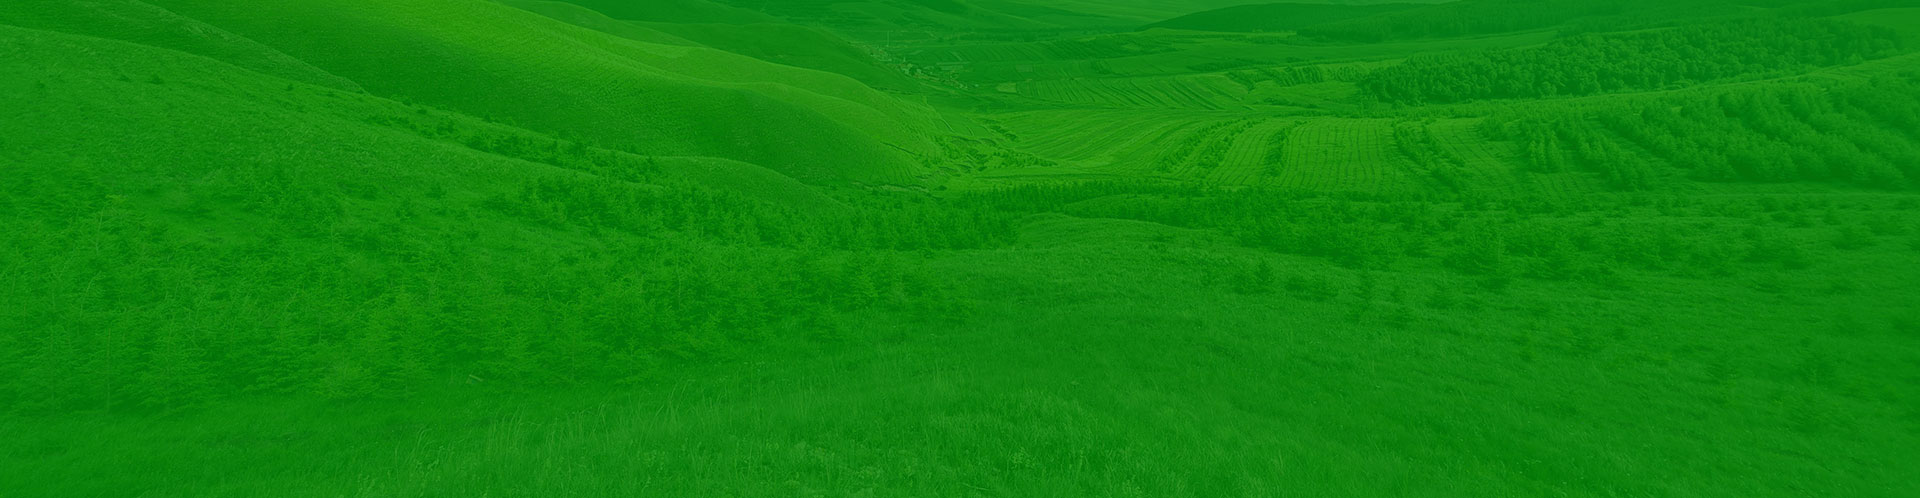 成都绿植墙:把墙上种满绿植,看看这些垂直绿化墙,看一眼就被迷得挪不开眼